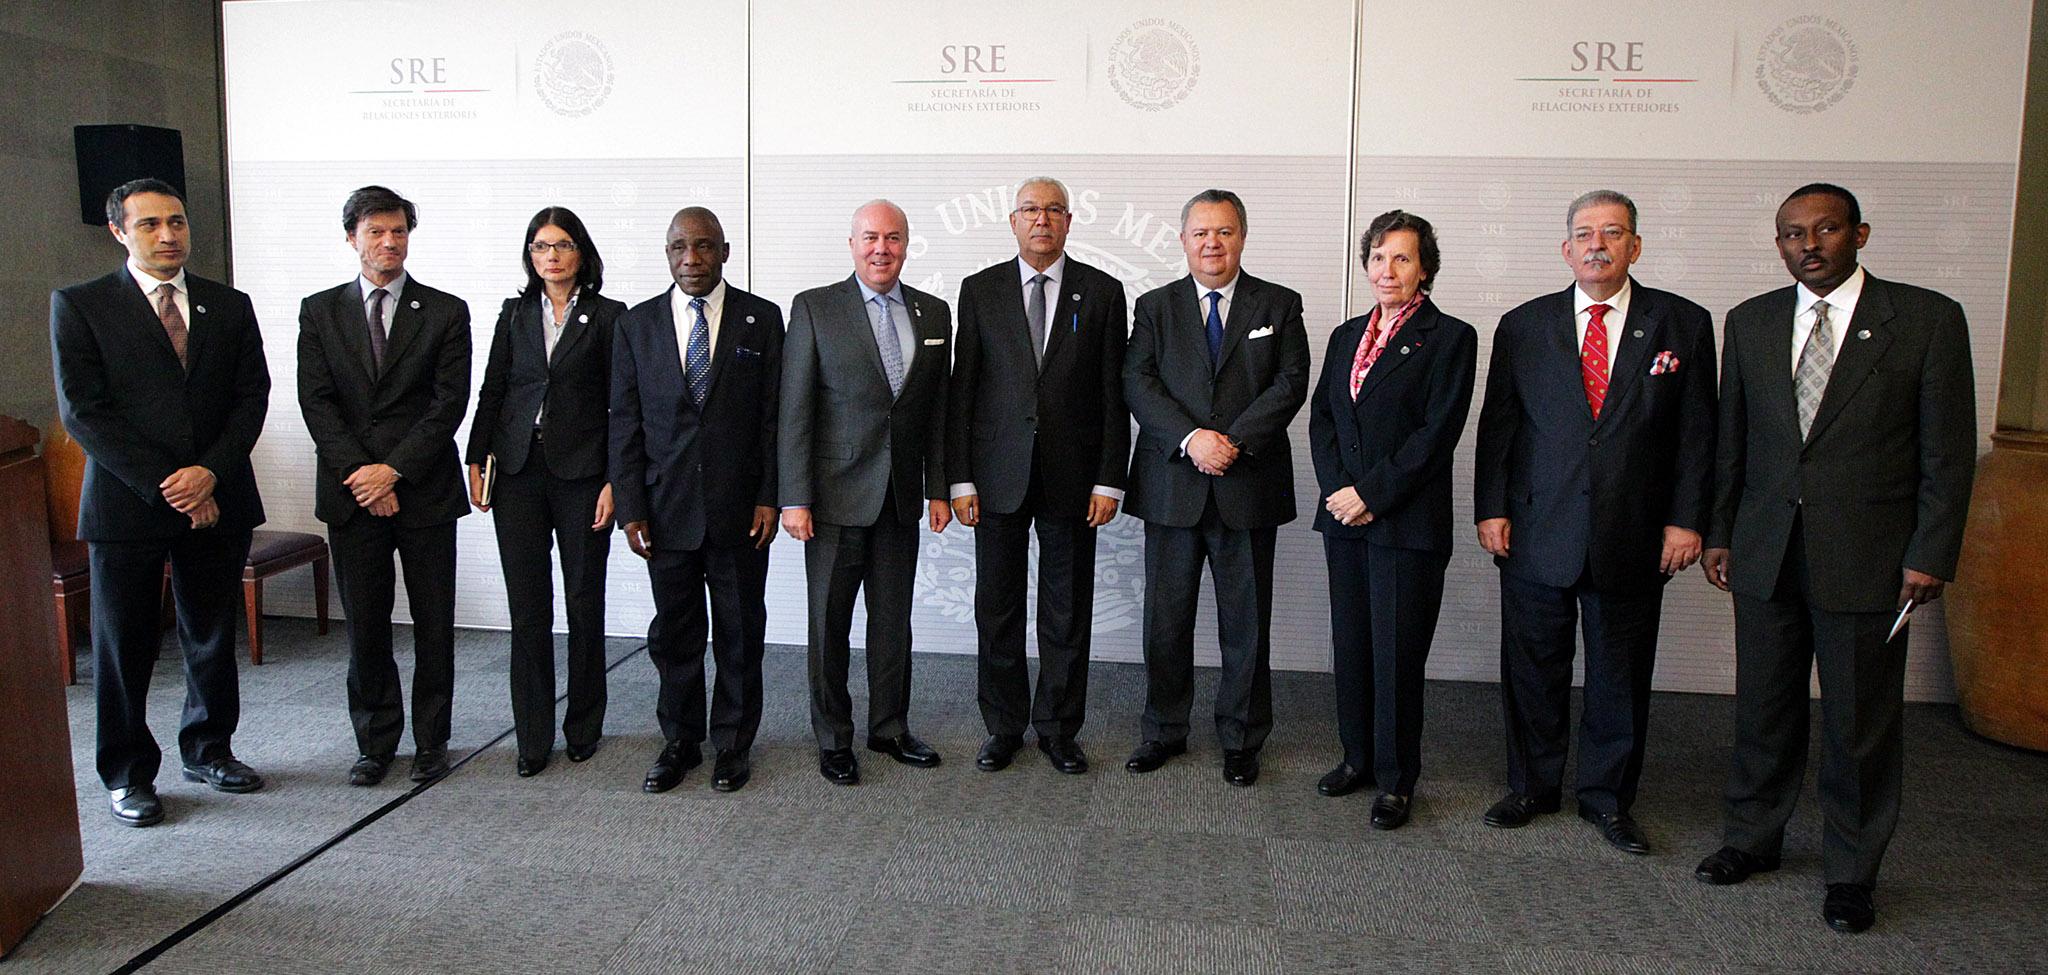 FOTO 1 Embajadores y representantes del cuerpo diplom tico anunciaron la Semana de la Francofon a 2016 en M xicojpg